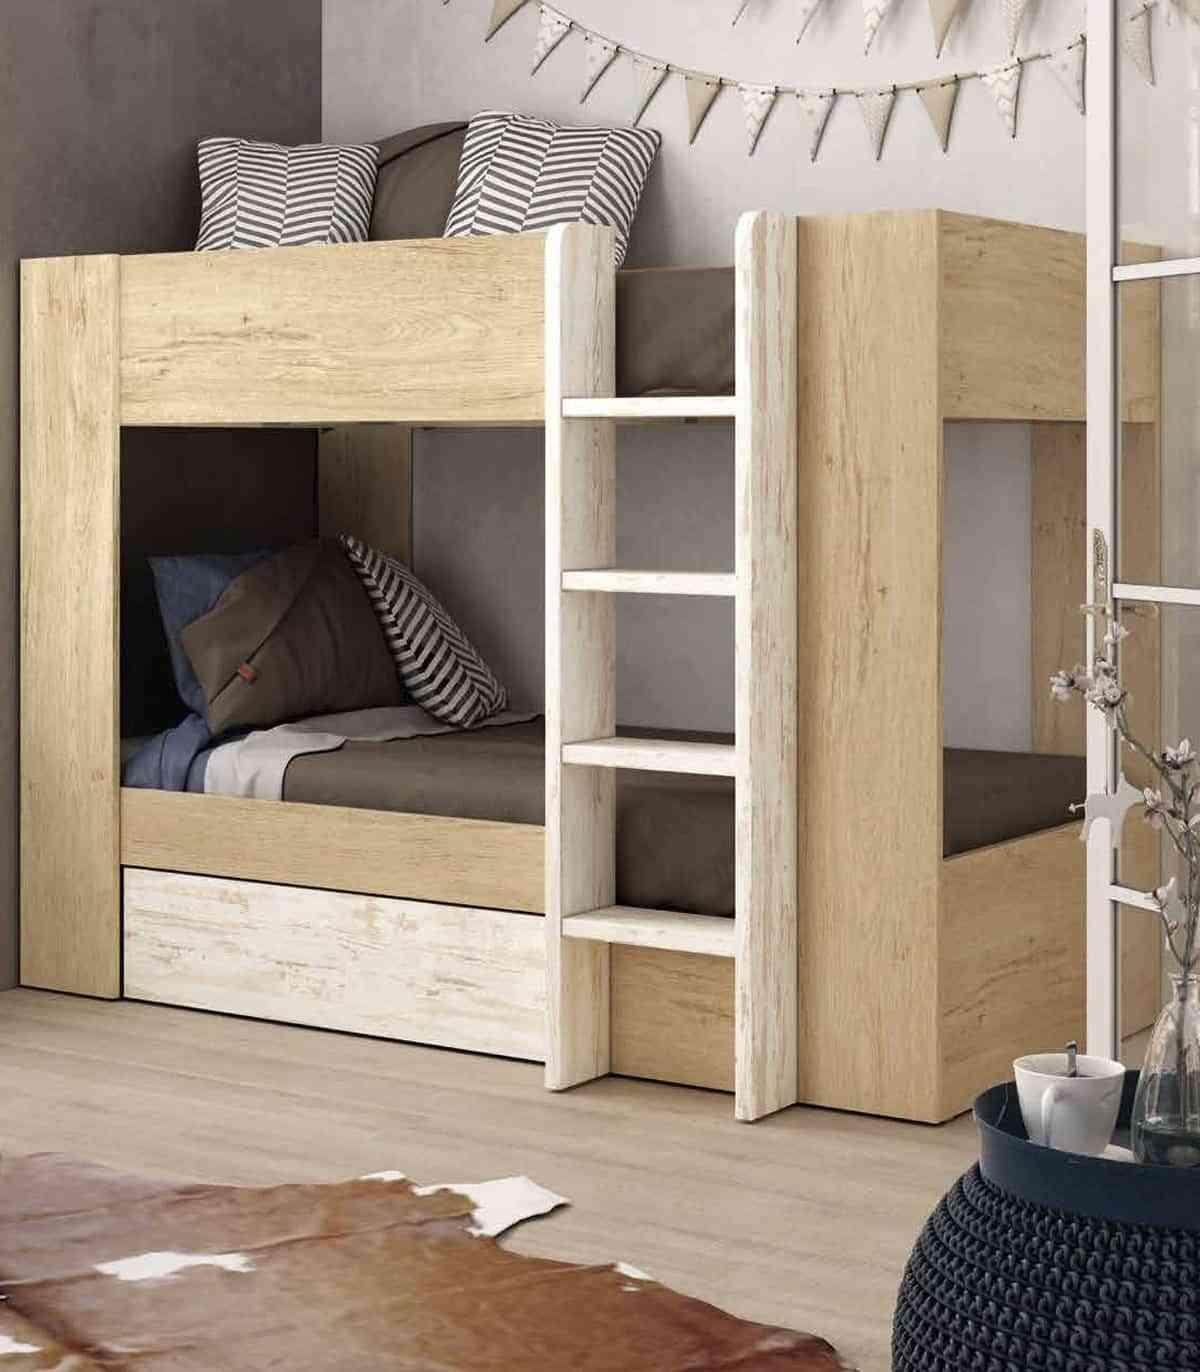 Rebajas en el sector de hogar y mobiliario, ¿cómo funcionan? 1